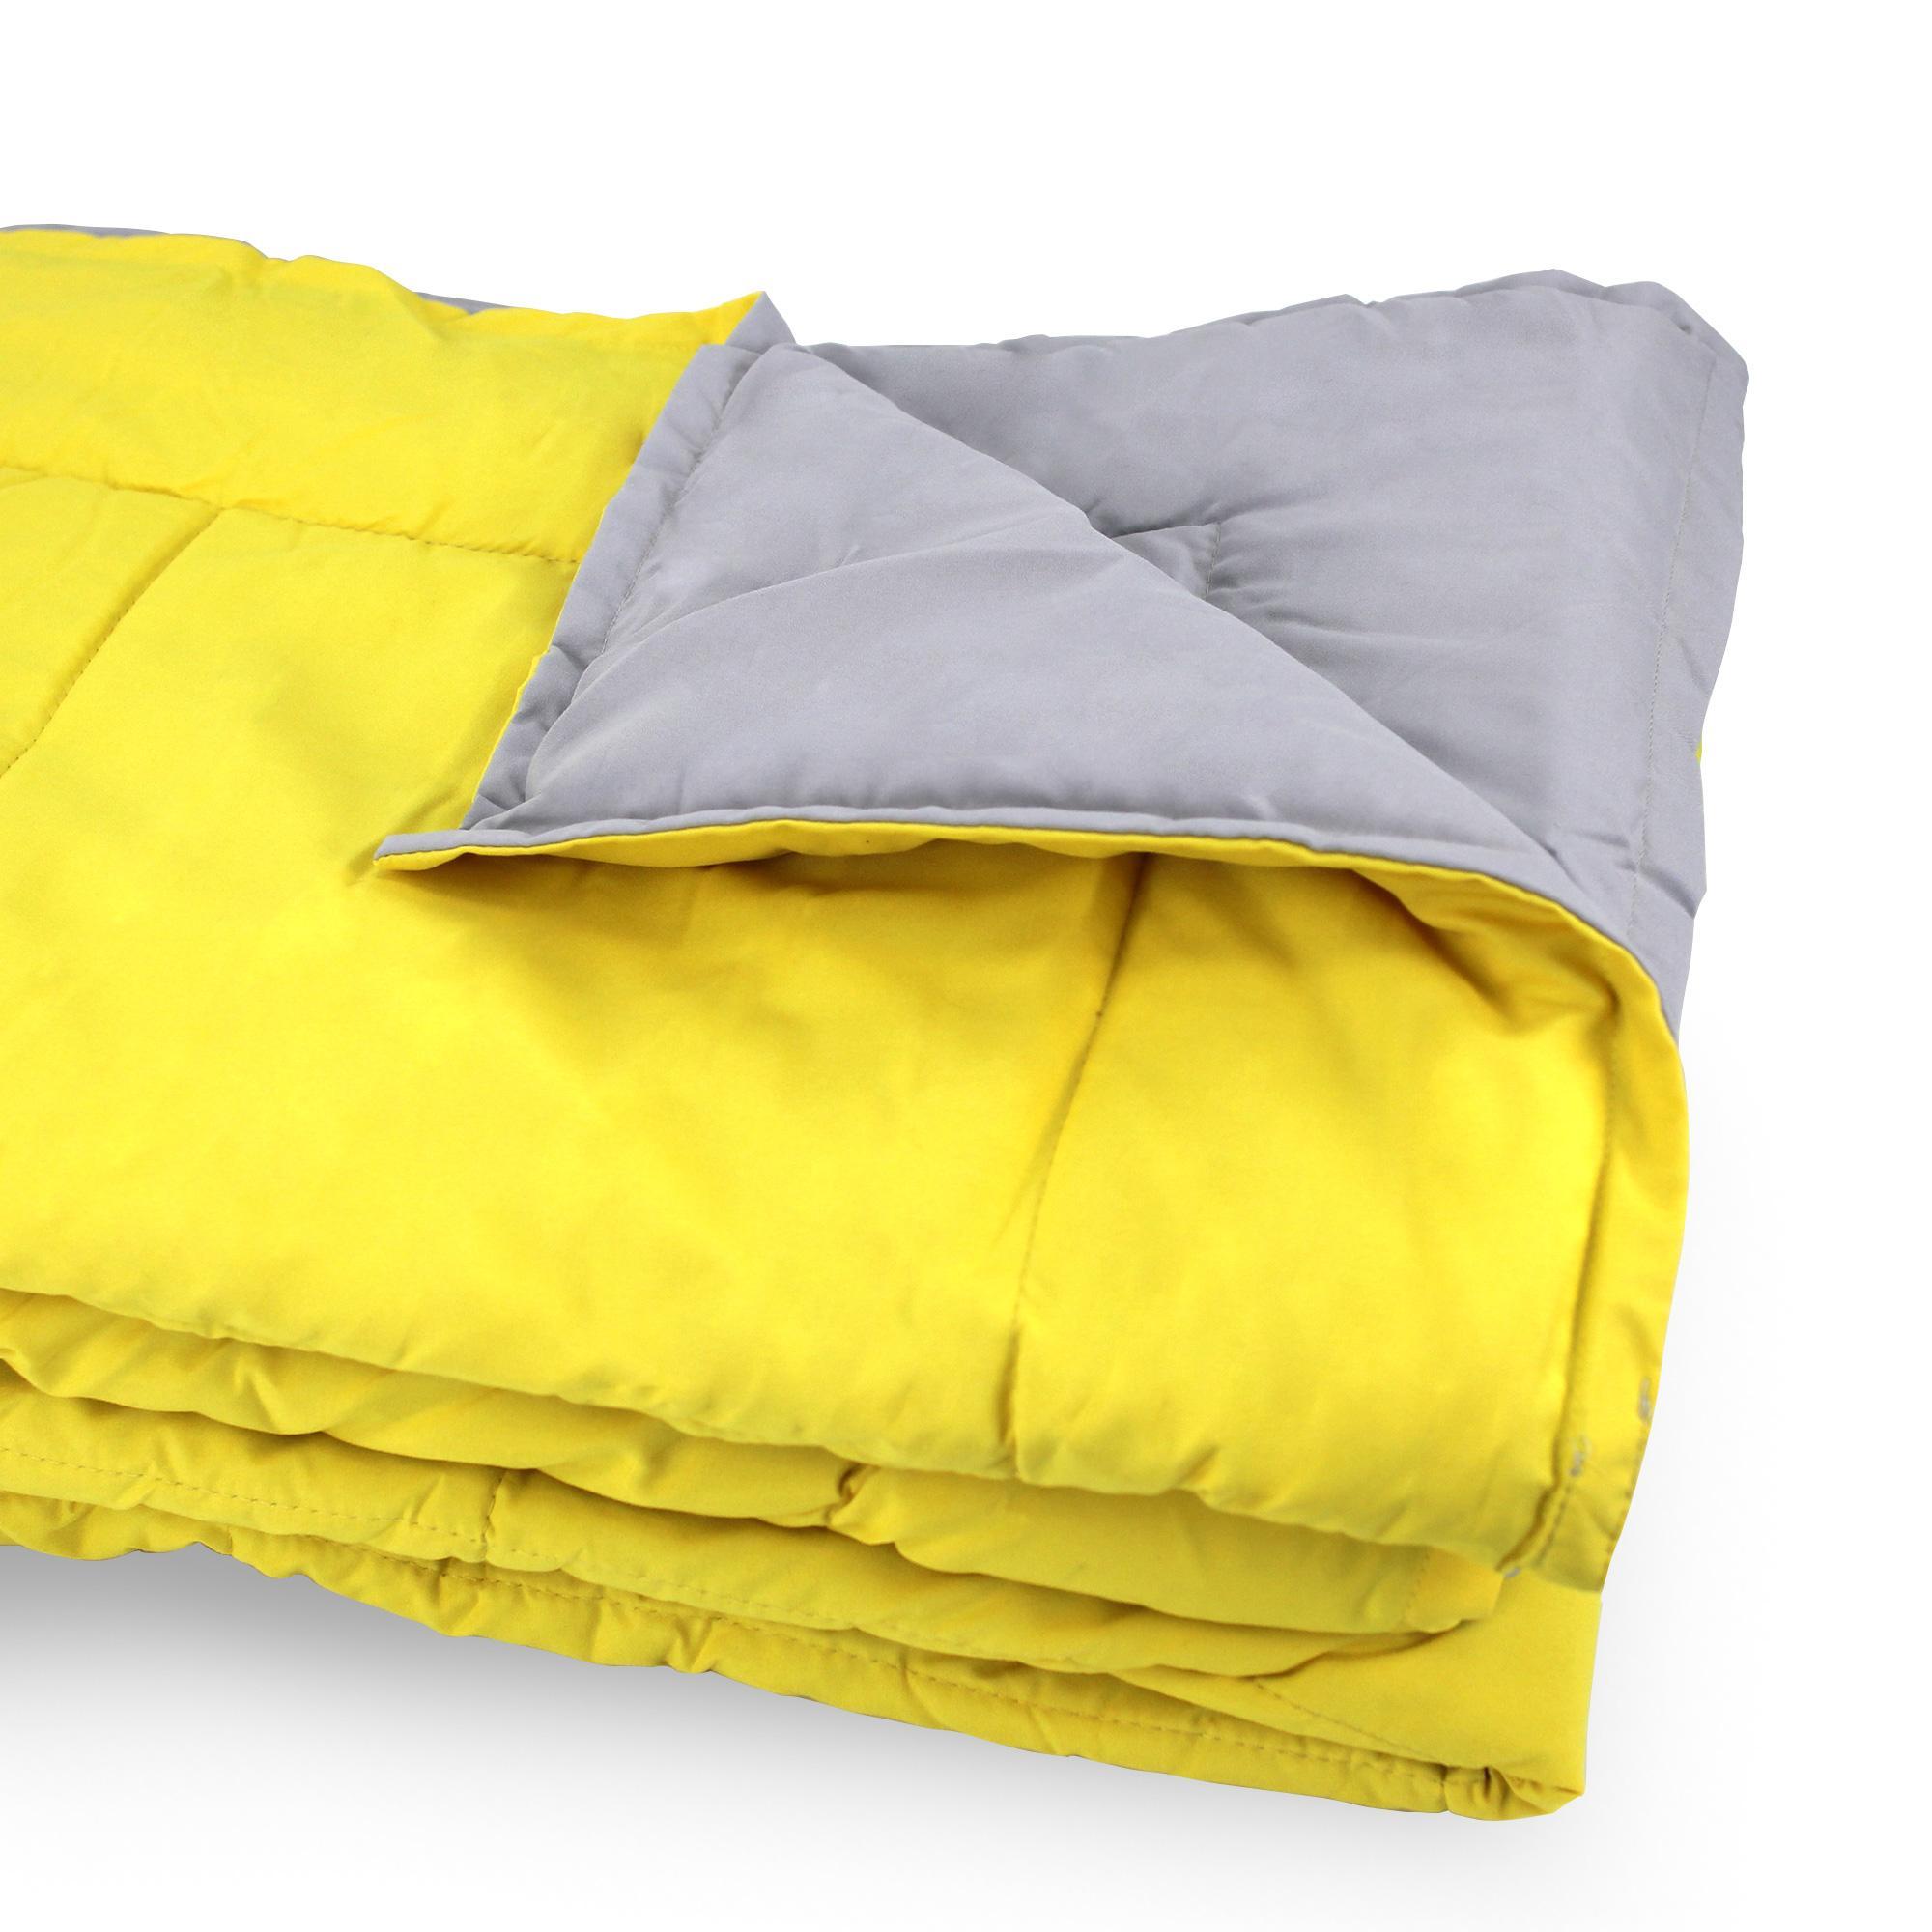 dessus de lit bicolore frisbee 160x240 cm bouton d 39 or perle linnea vente de linge de maison. Black Bedroom Furniture Sets. Home Design Ideas